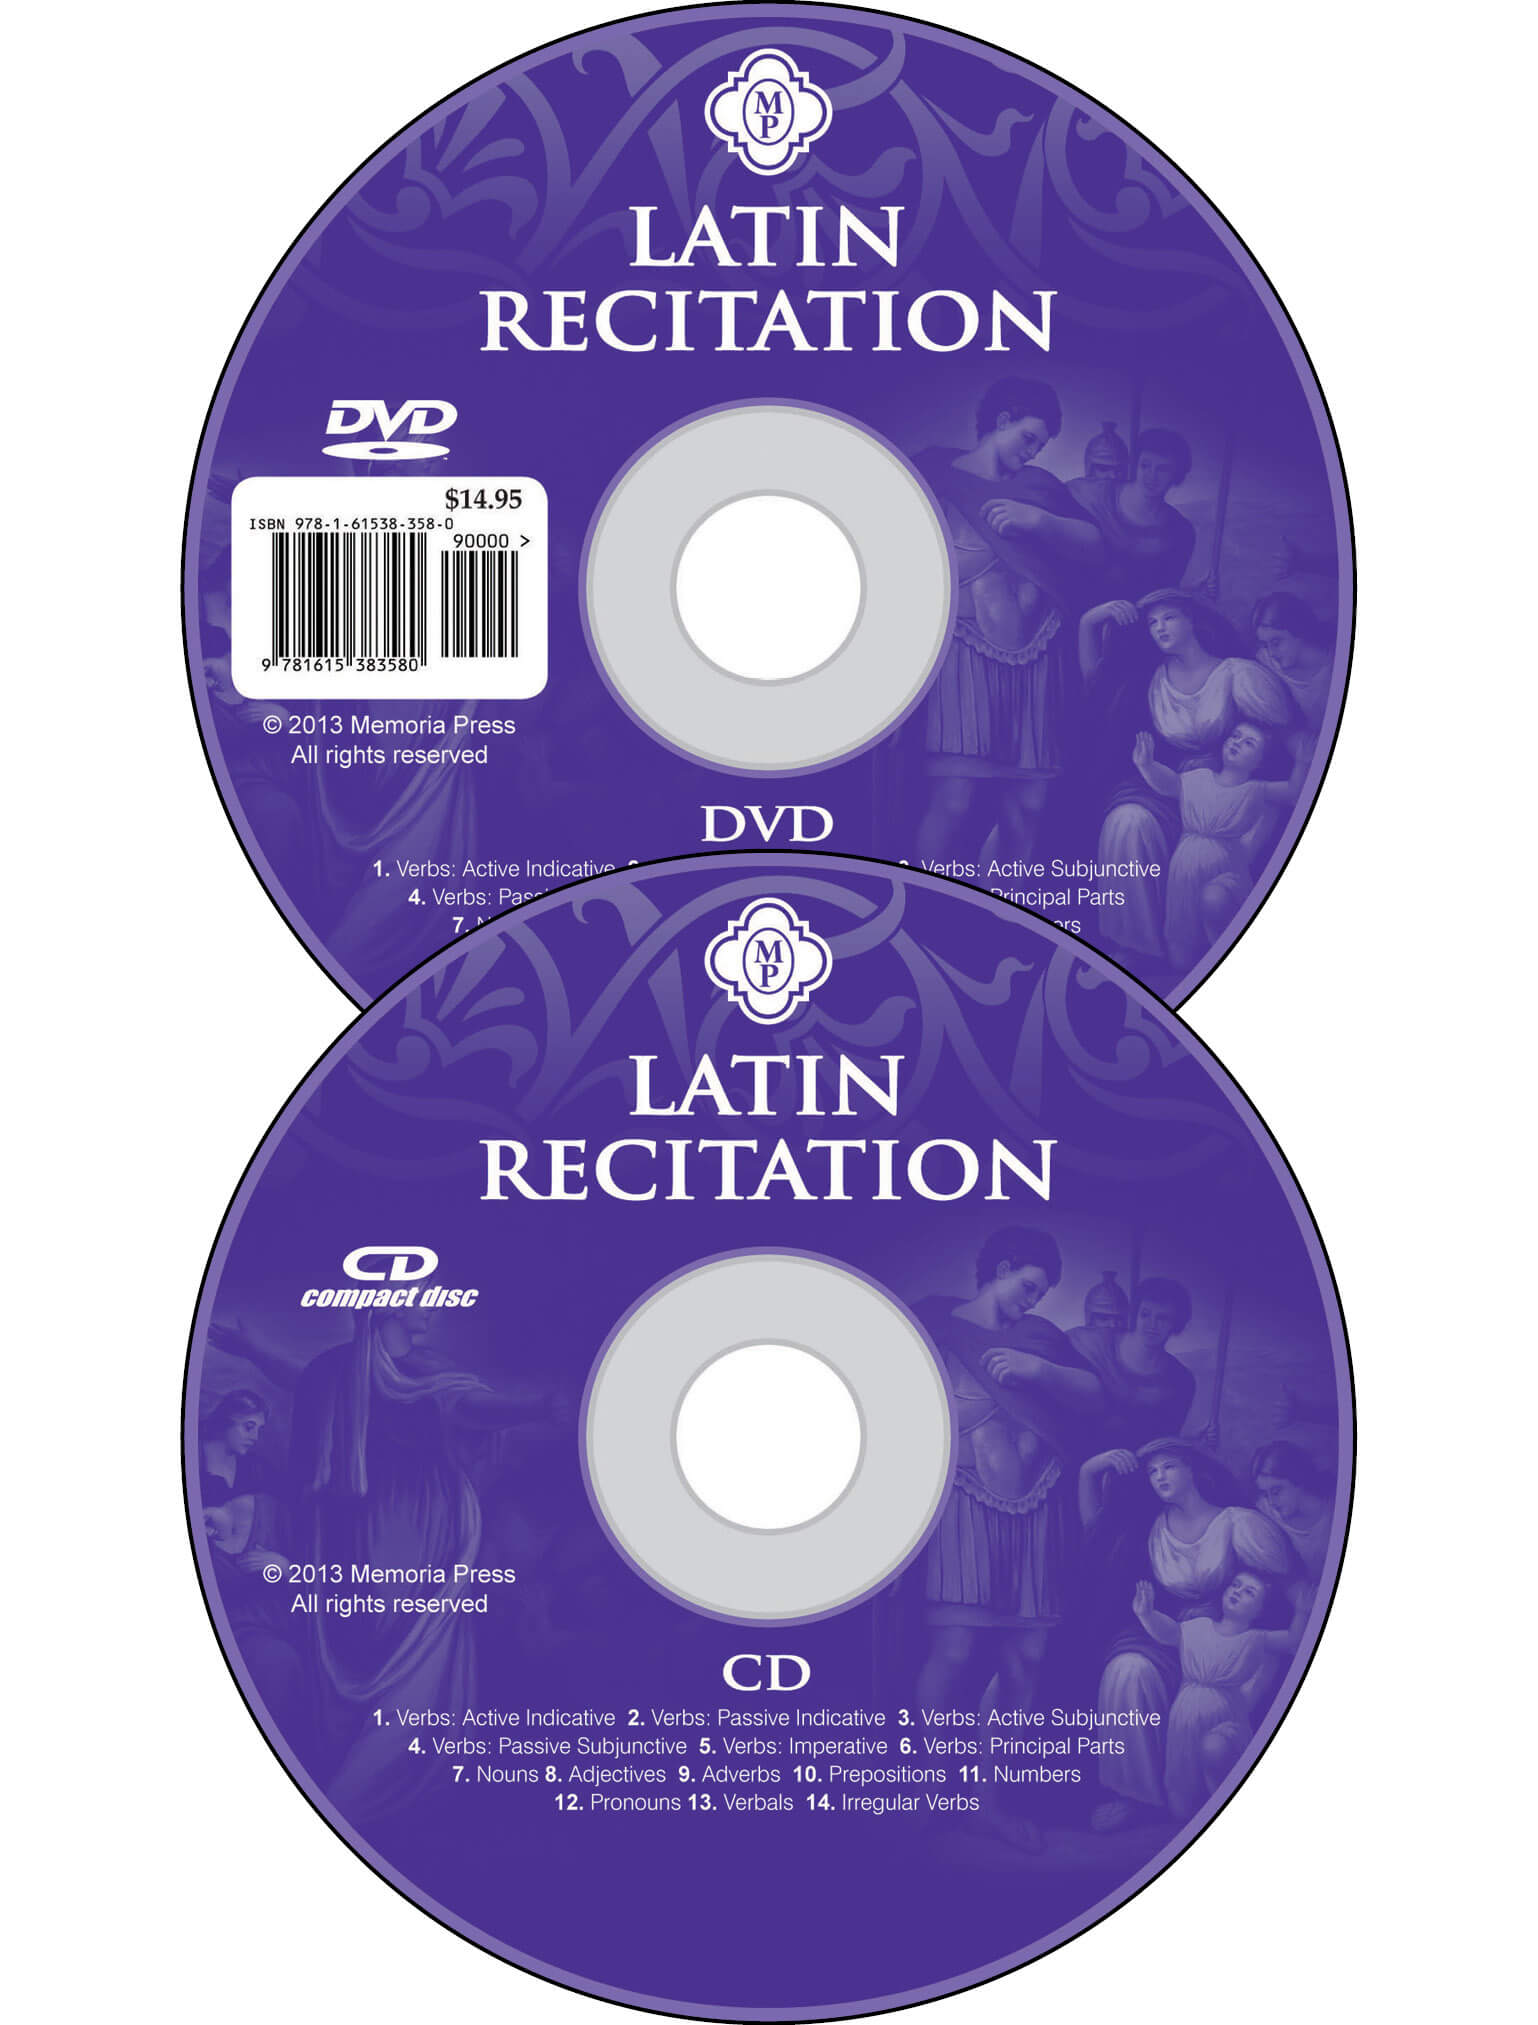 Latin Recitation CD DVD set